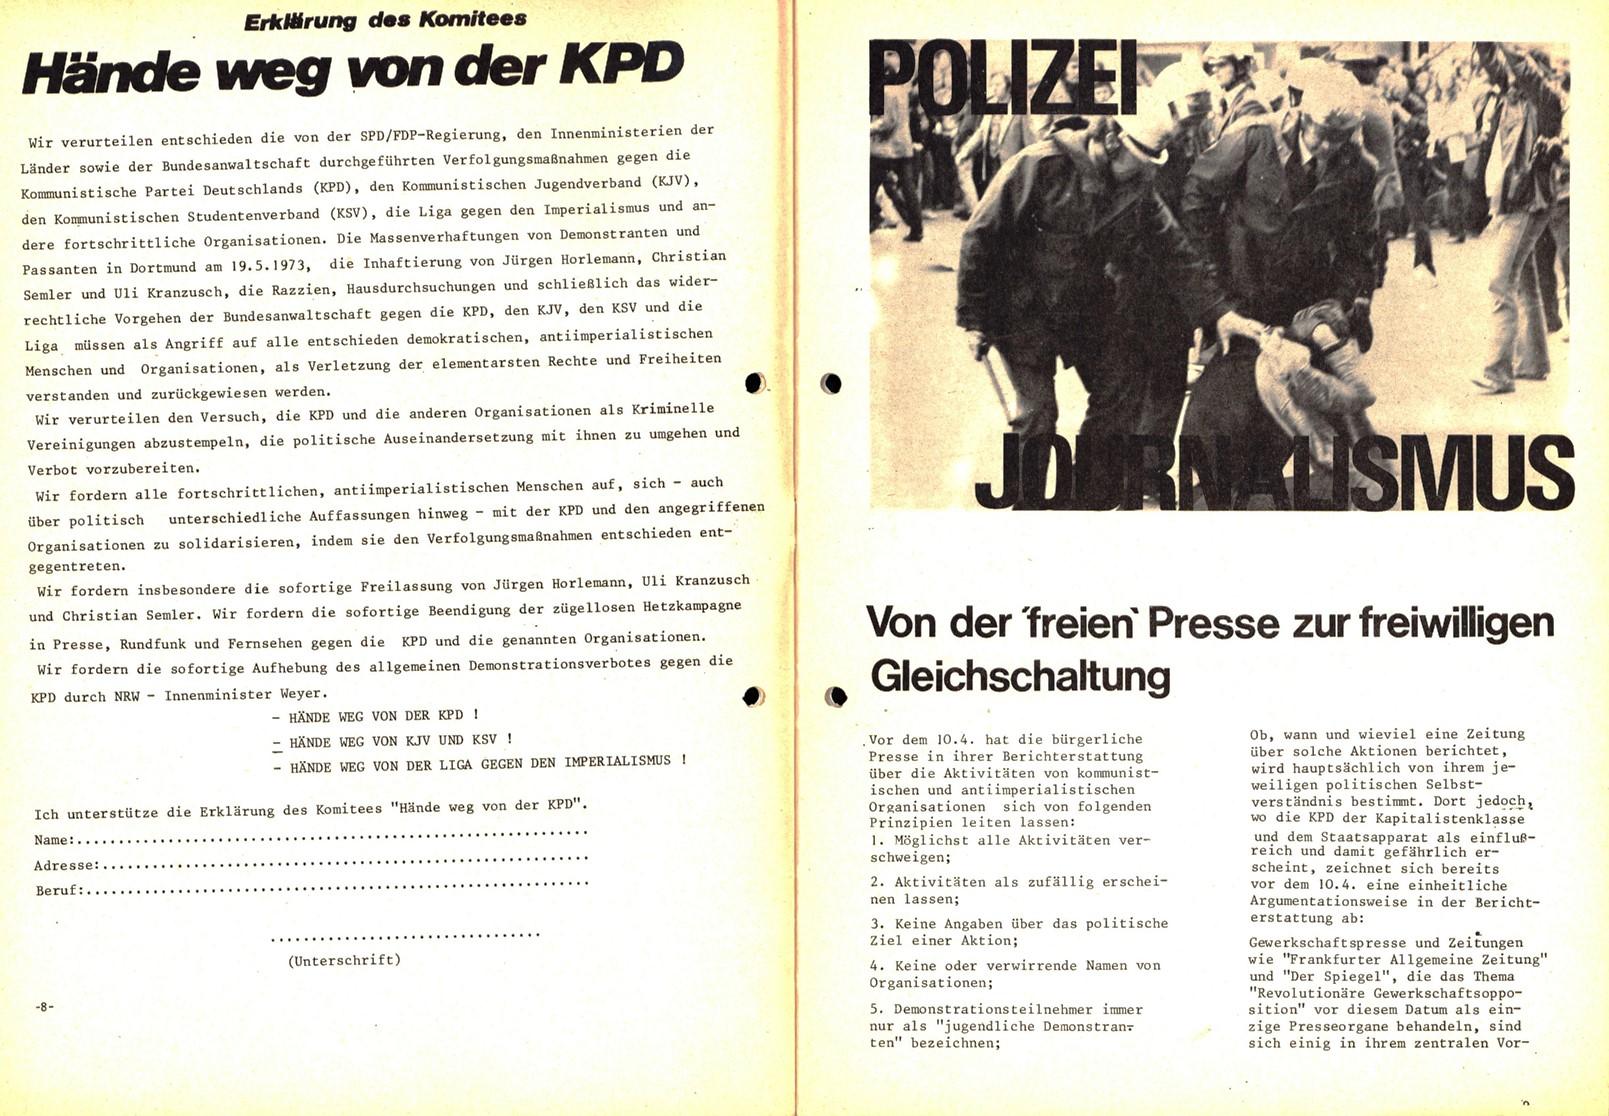 Komitee_Haende_weg_von_der_KPD_1973_Polizeijournalismus_05